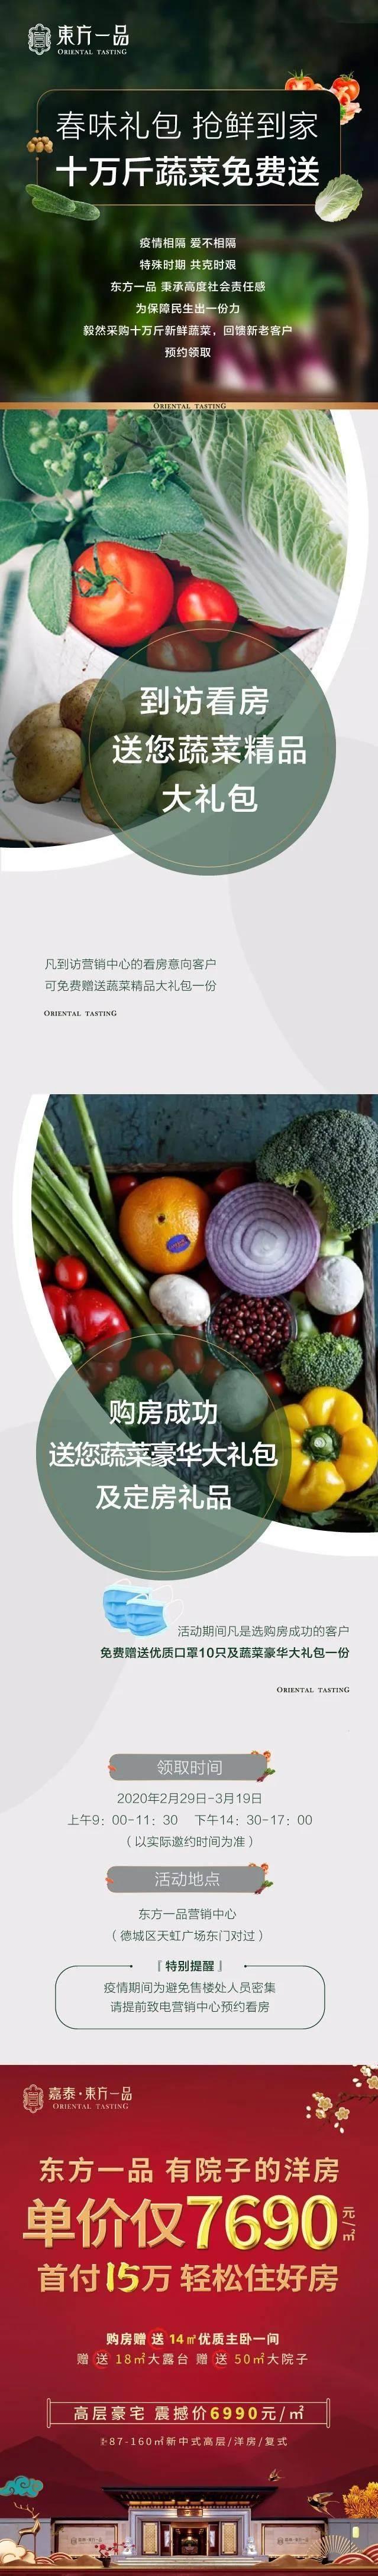 特大喜讯!东方一品 十万斤蔬菜免费送!